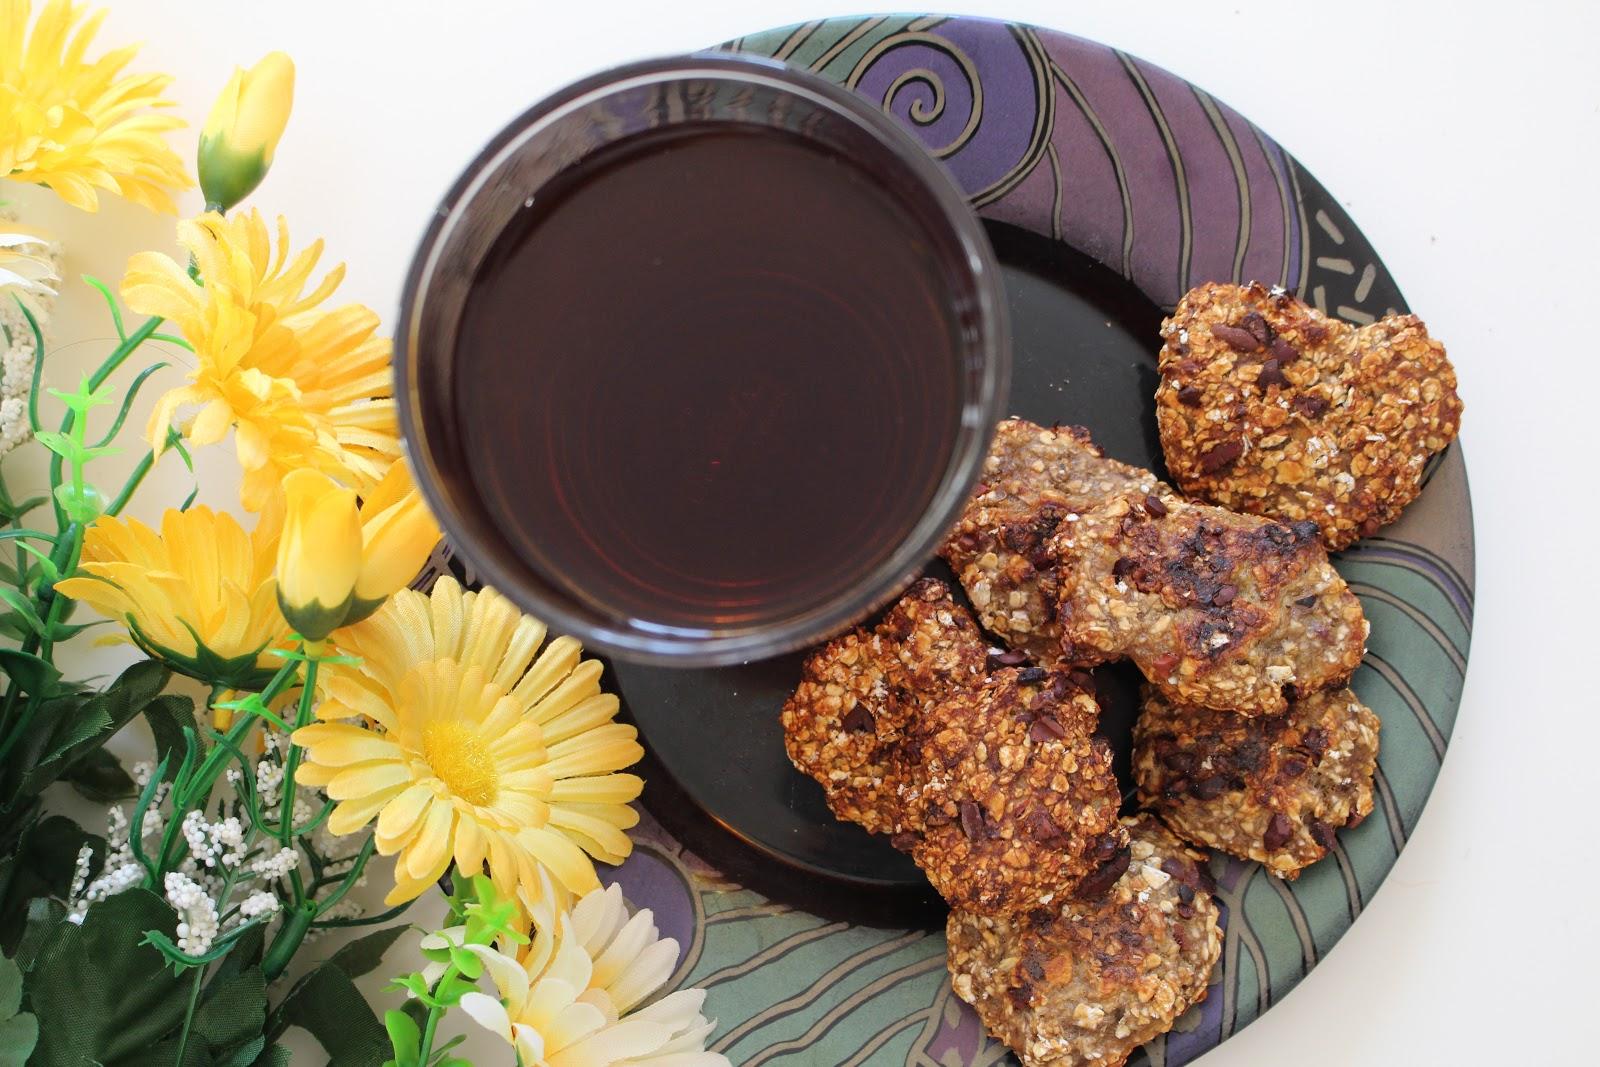 Aprende a fazer bolachas saudáveis com pepitas de chocolate em casa